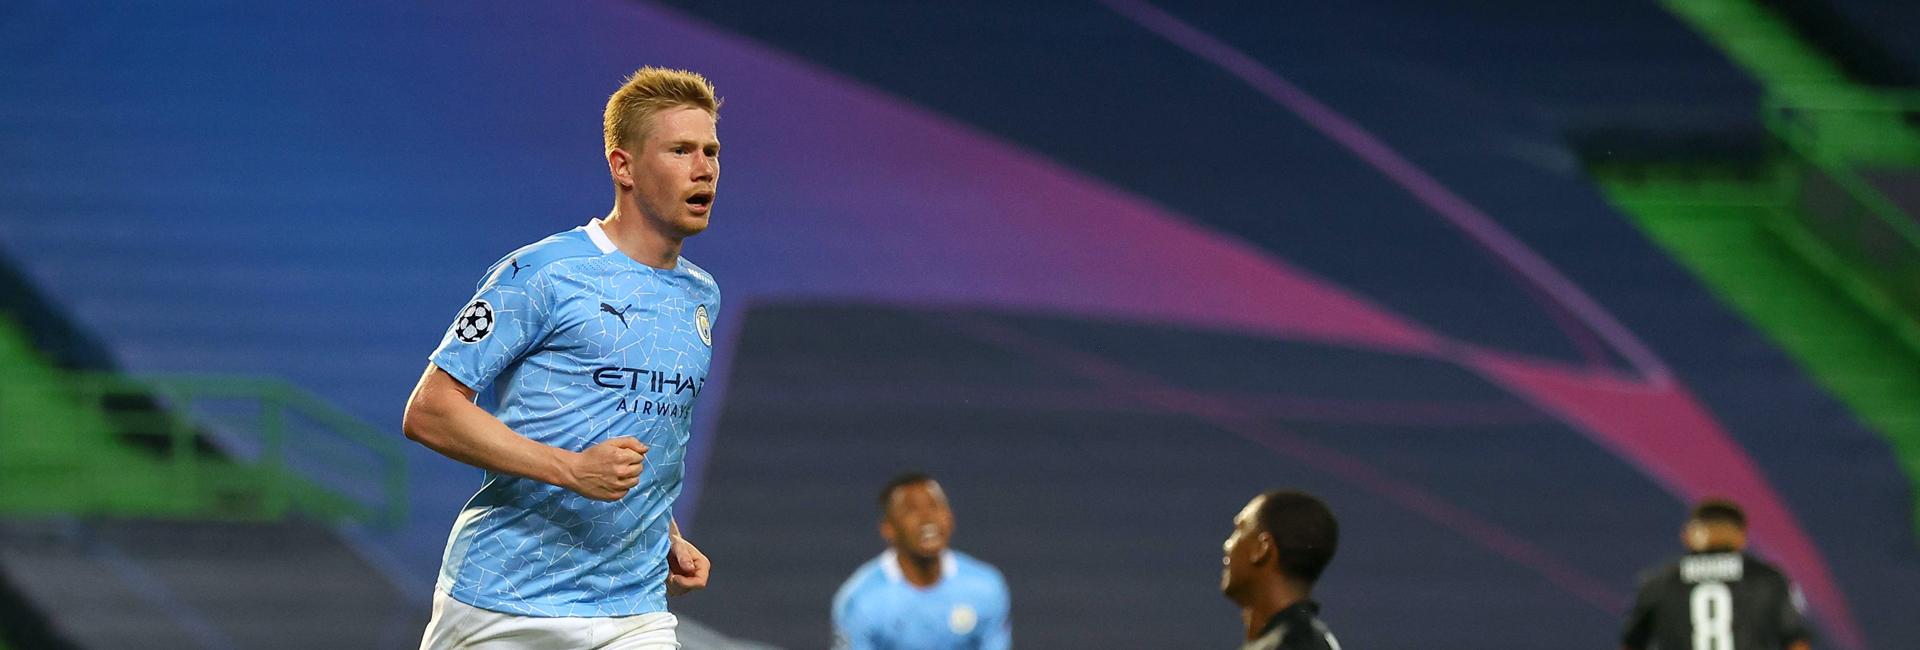 Premier Lig'de şampiyon Manchester City!